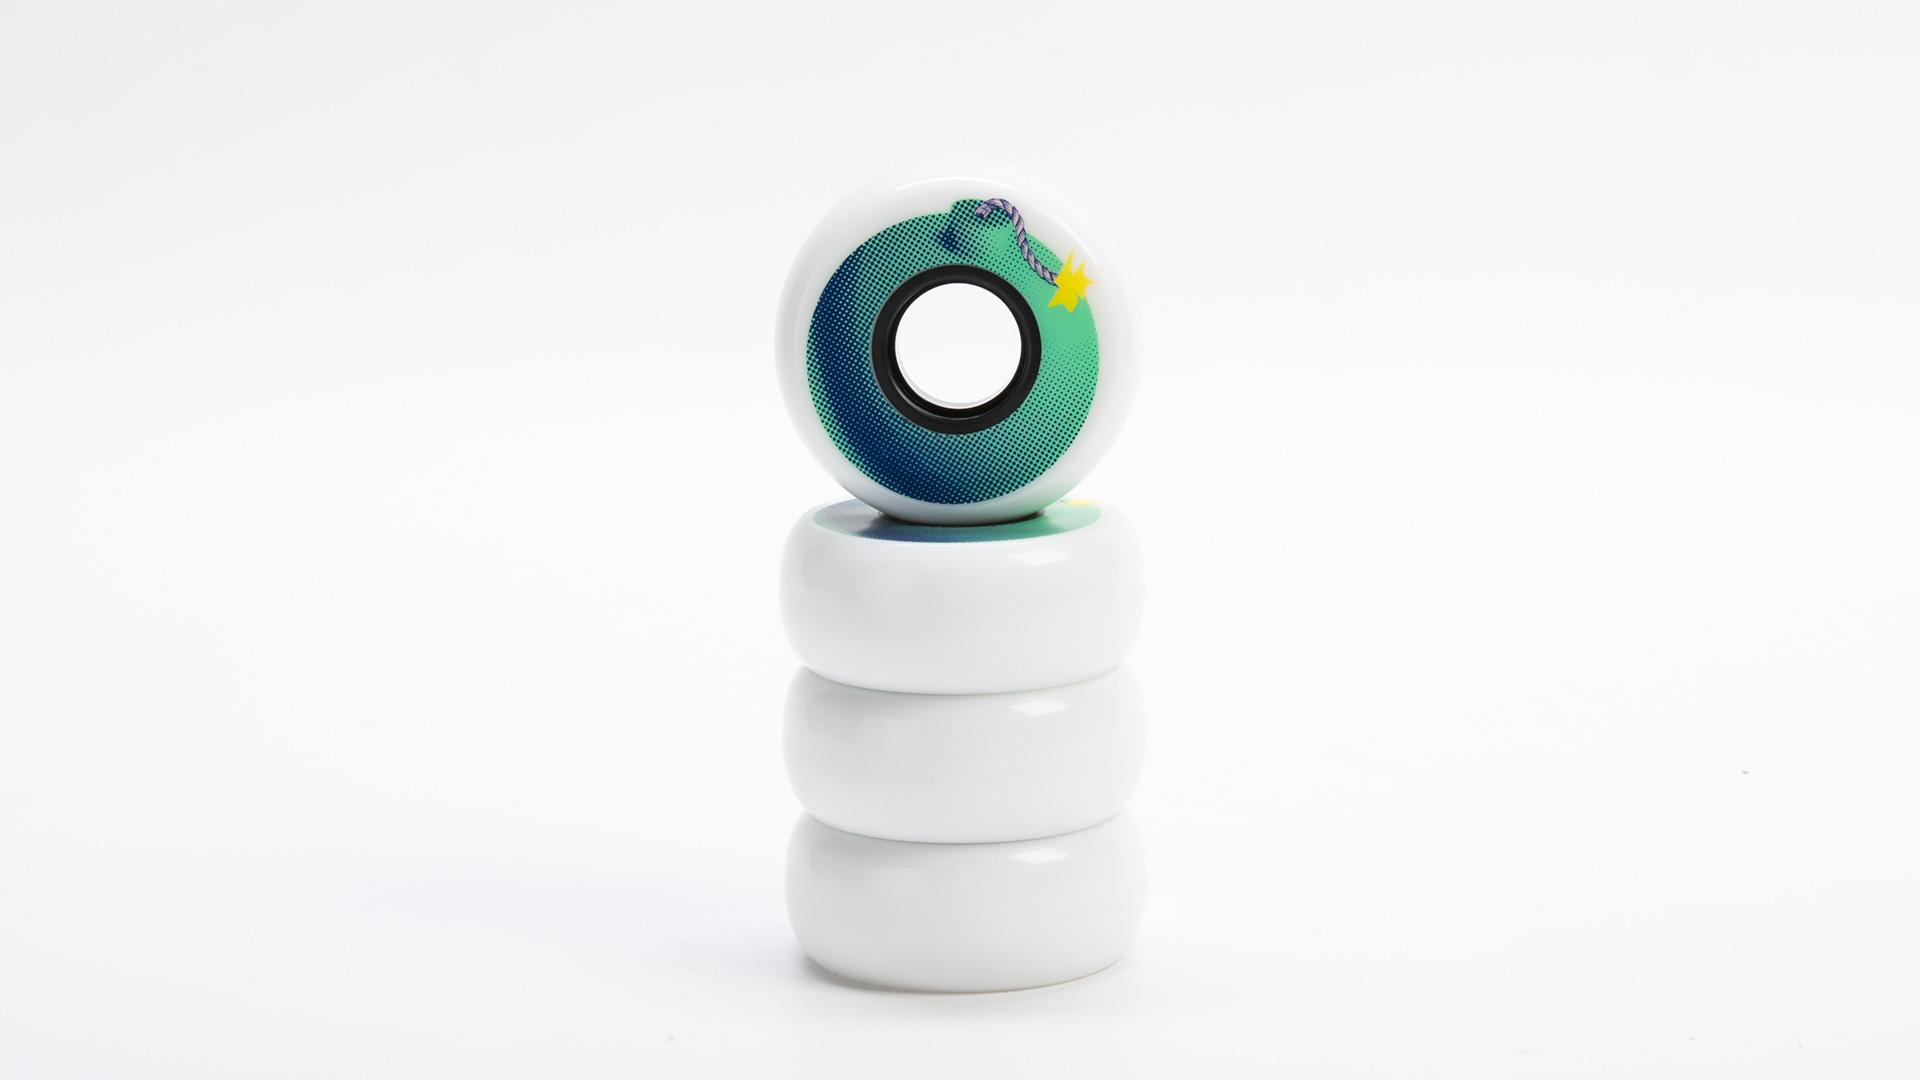 Колеса для роликов Bomb 59mm в упаковке